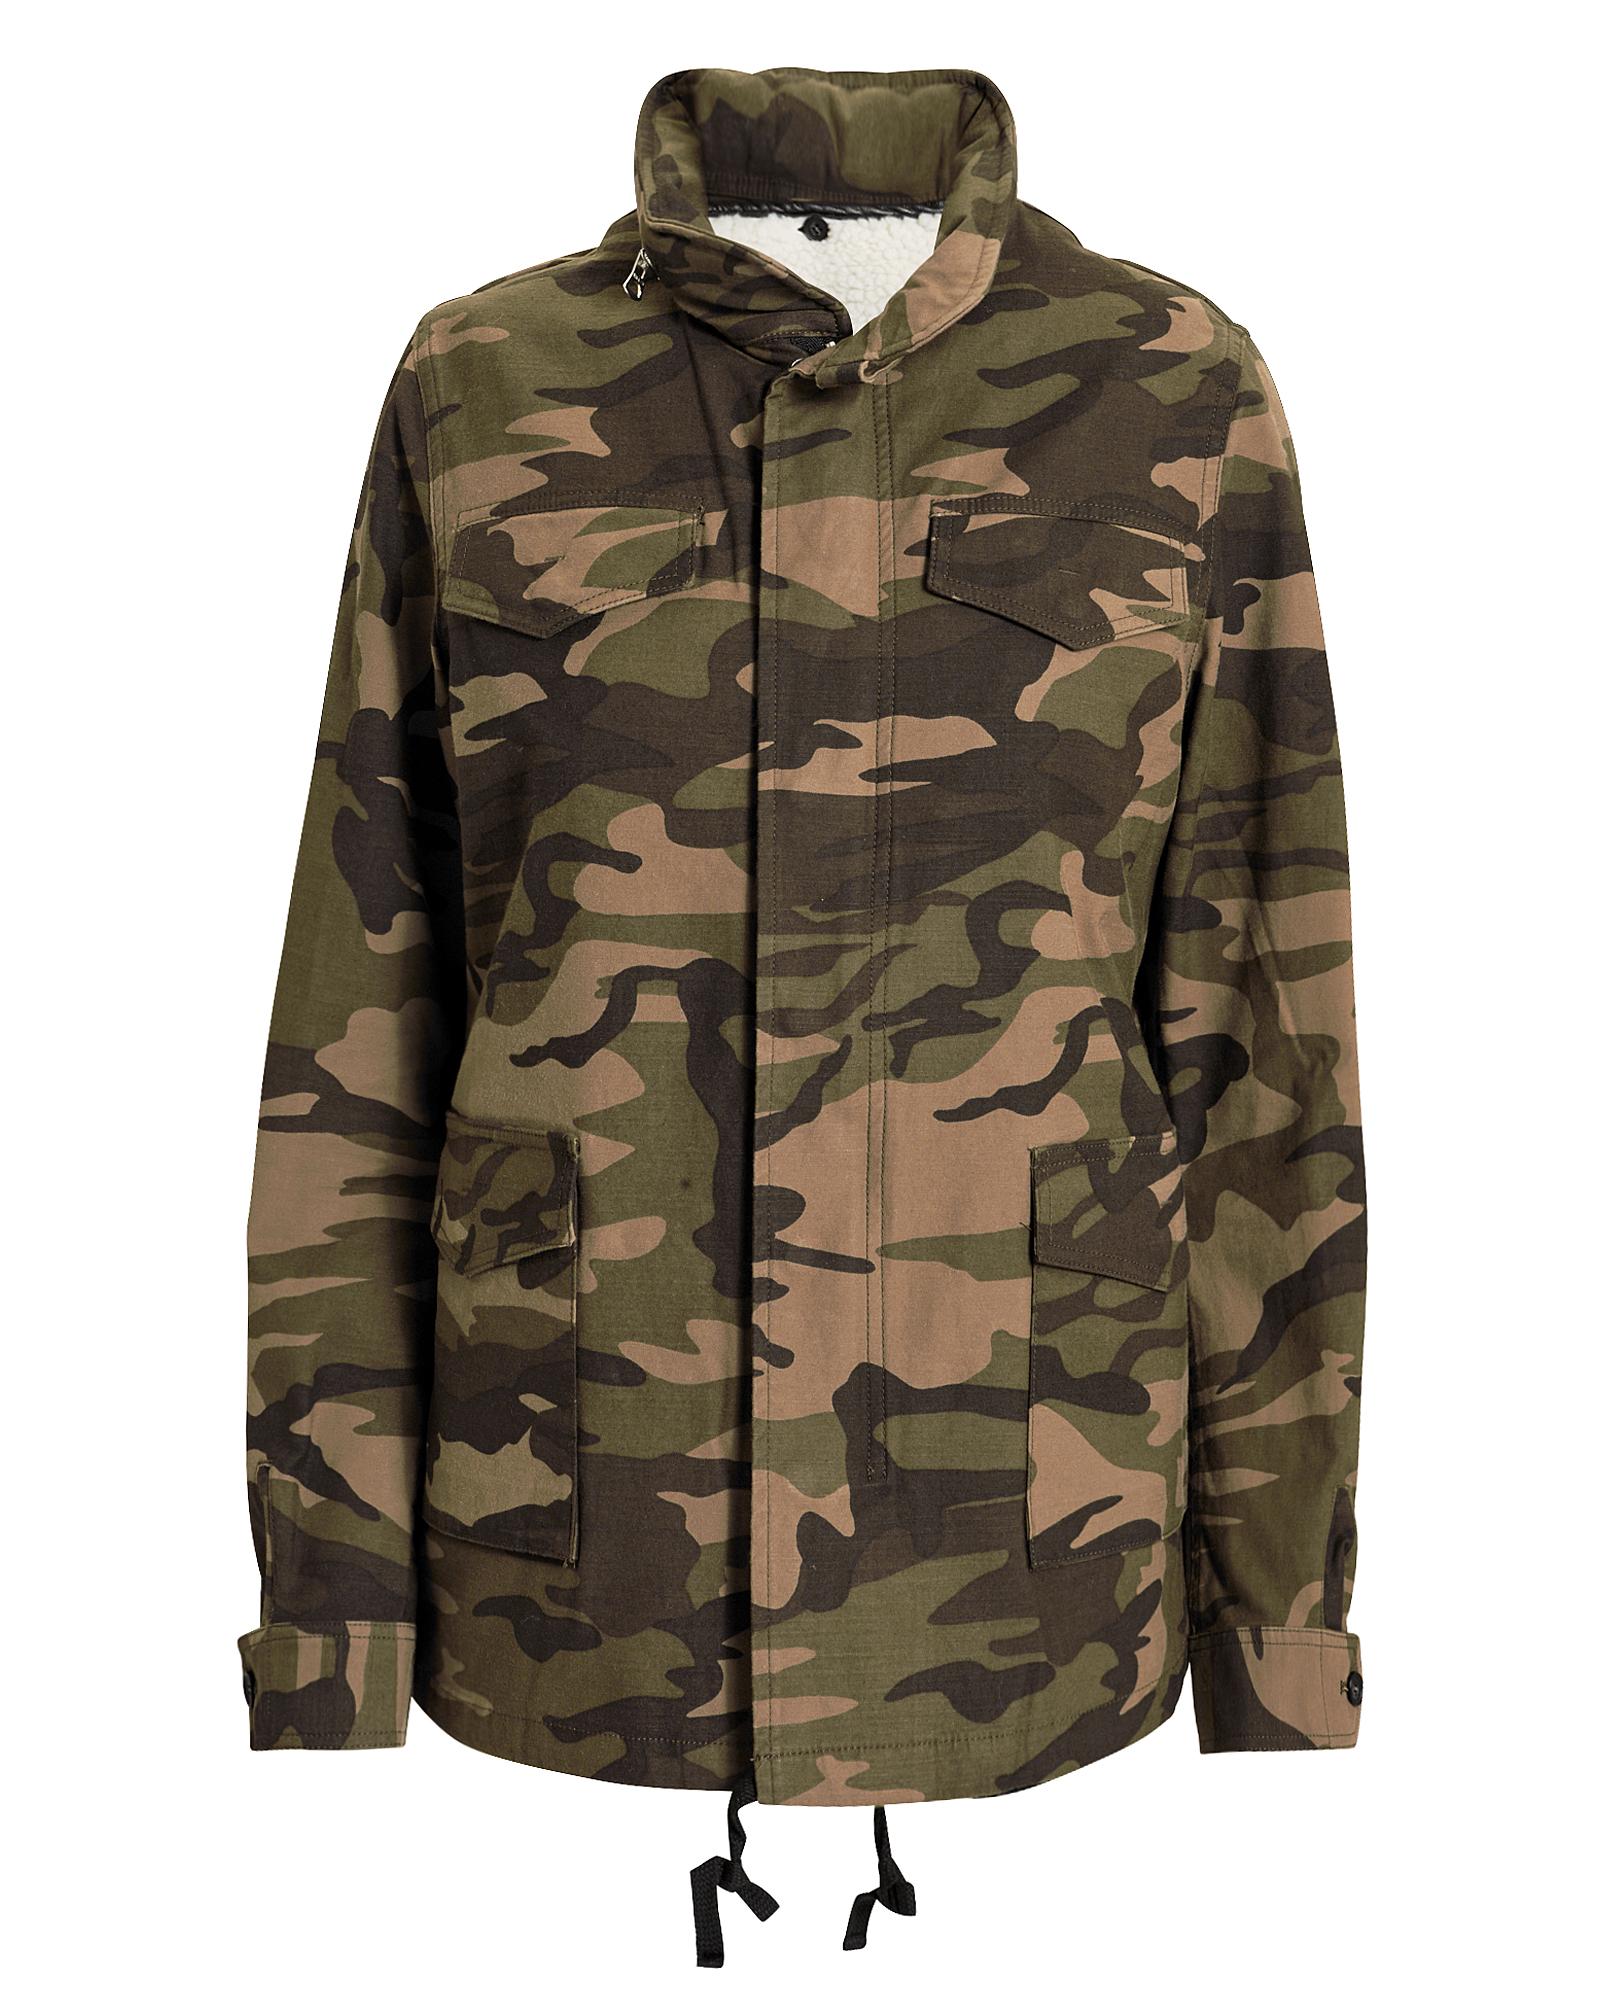 VIS-A-VIS Vis Ā Vis Woodland Camo Field Jacket Green